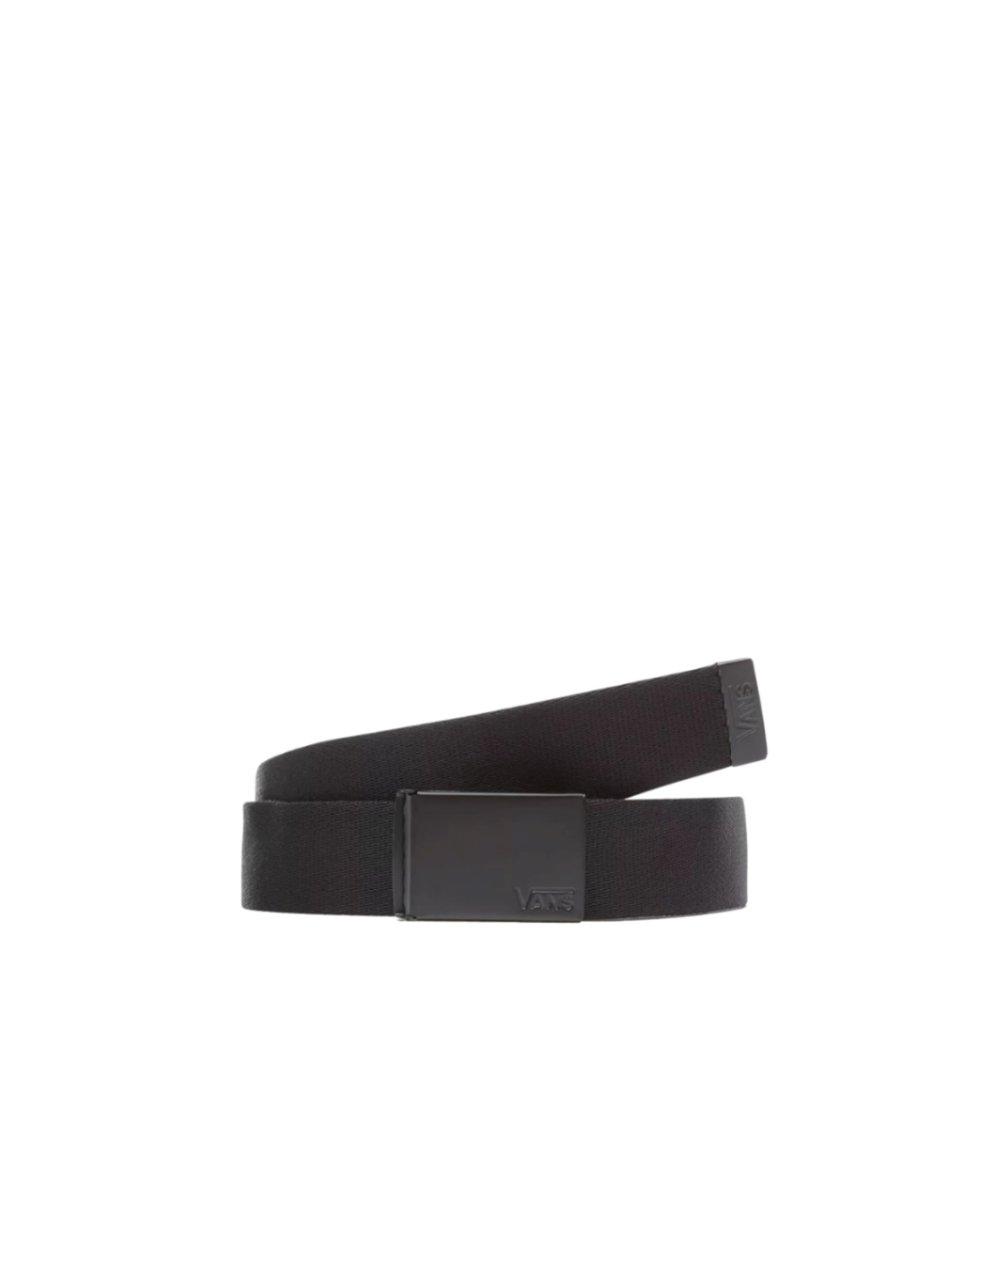 Vans Deppster II Web Belt (VN0A31J1BLK1) Black